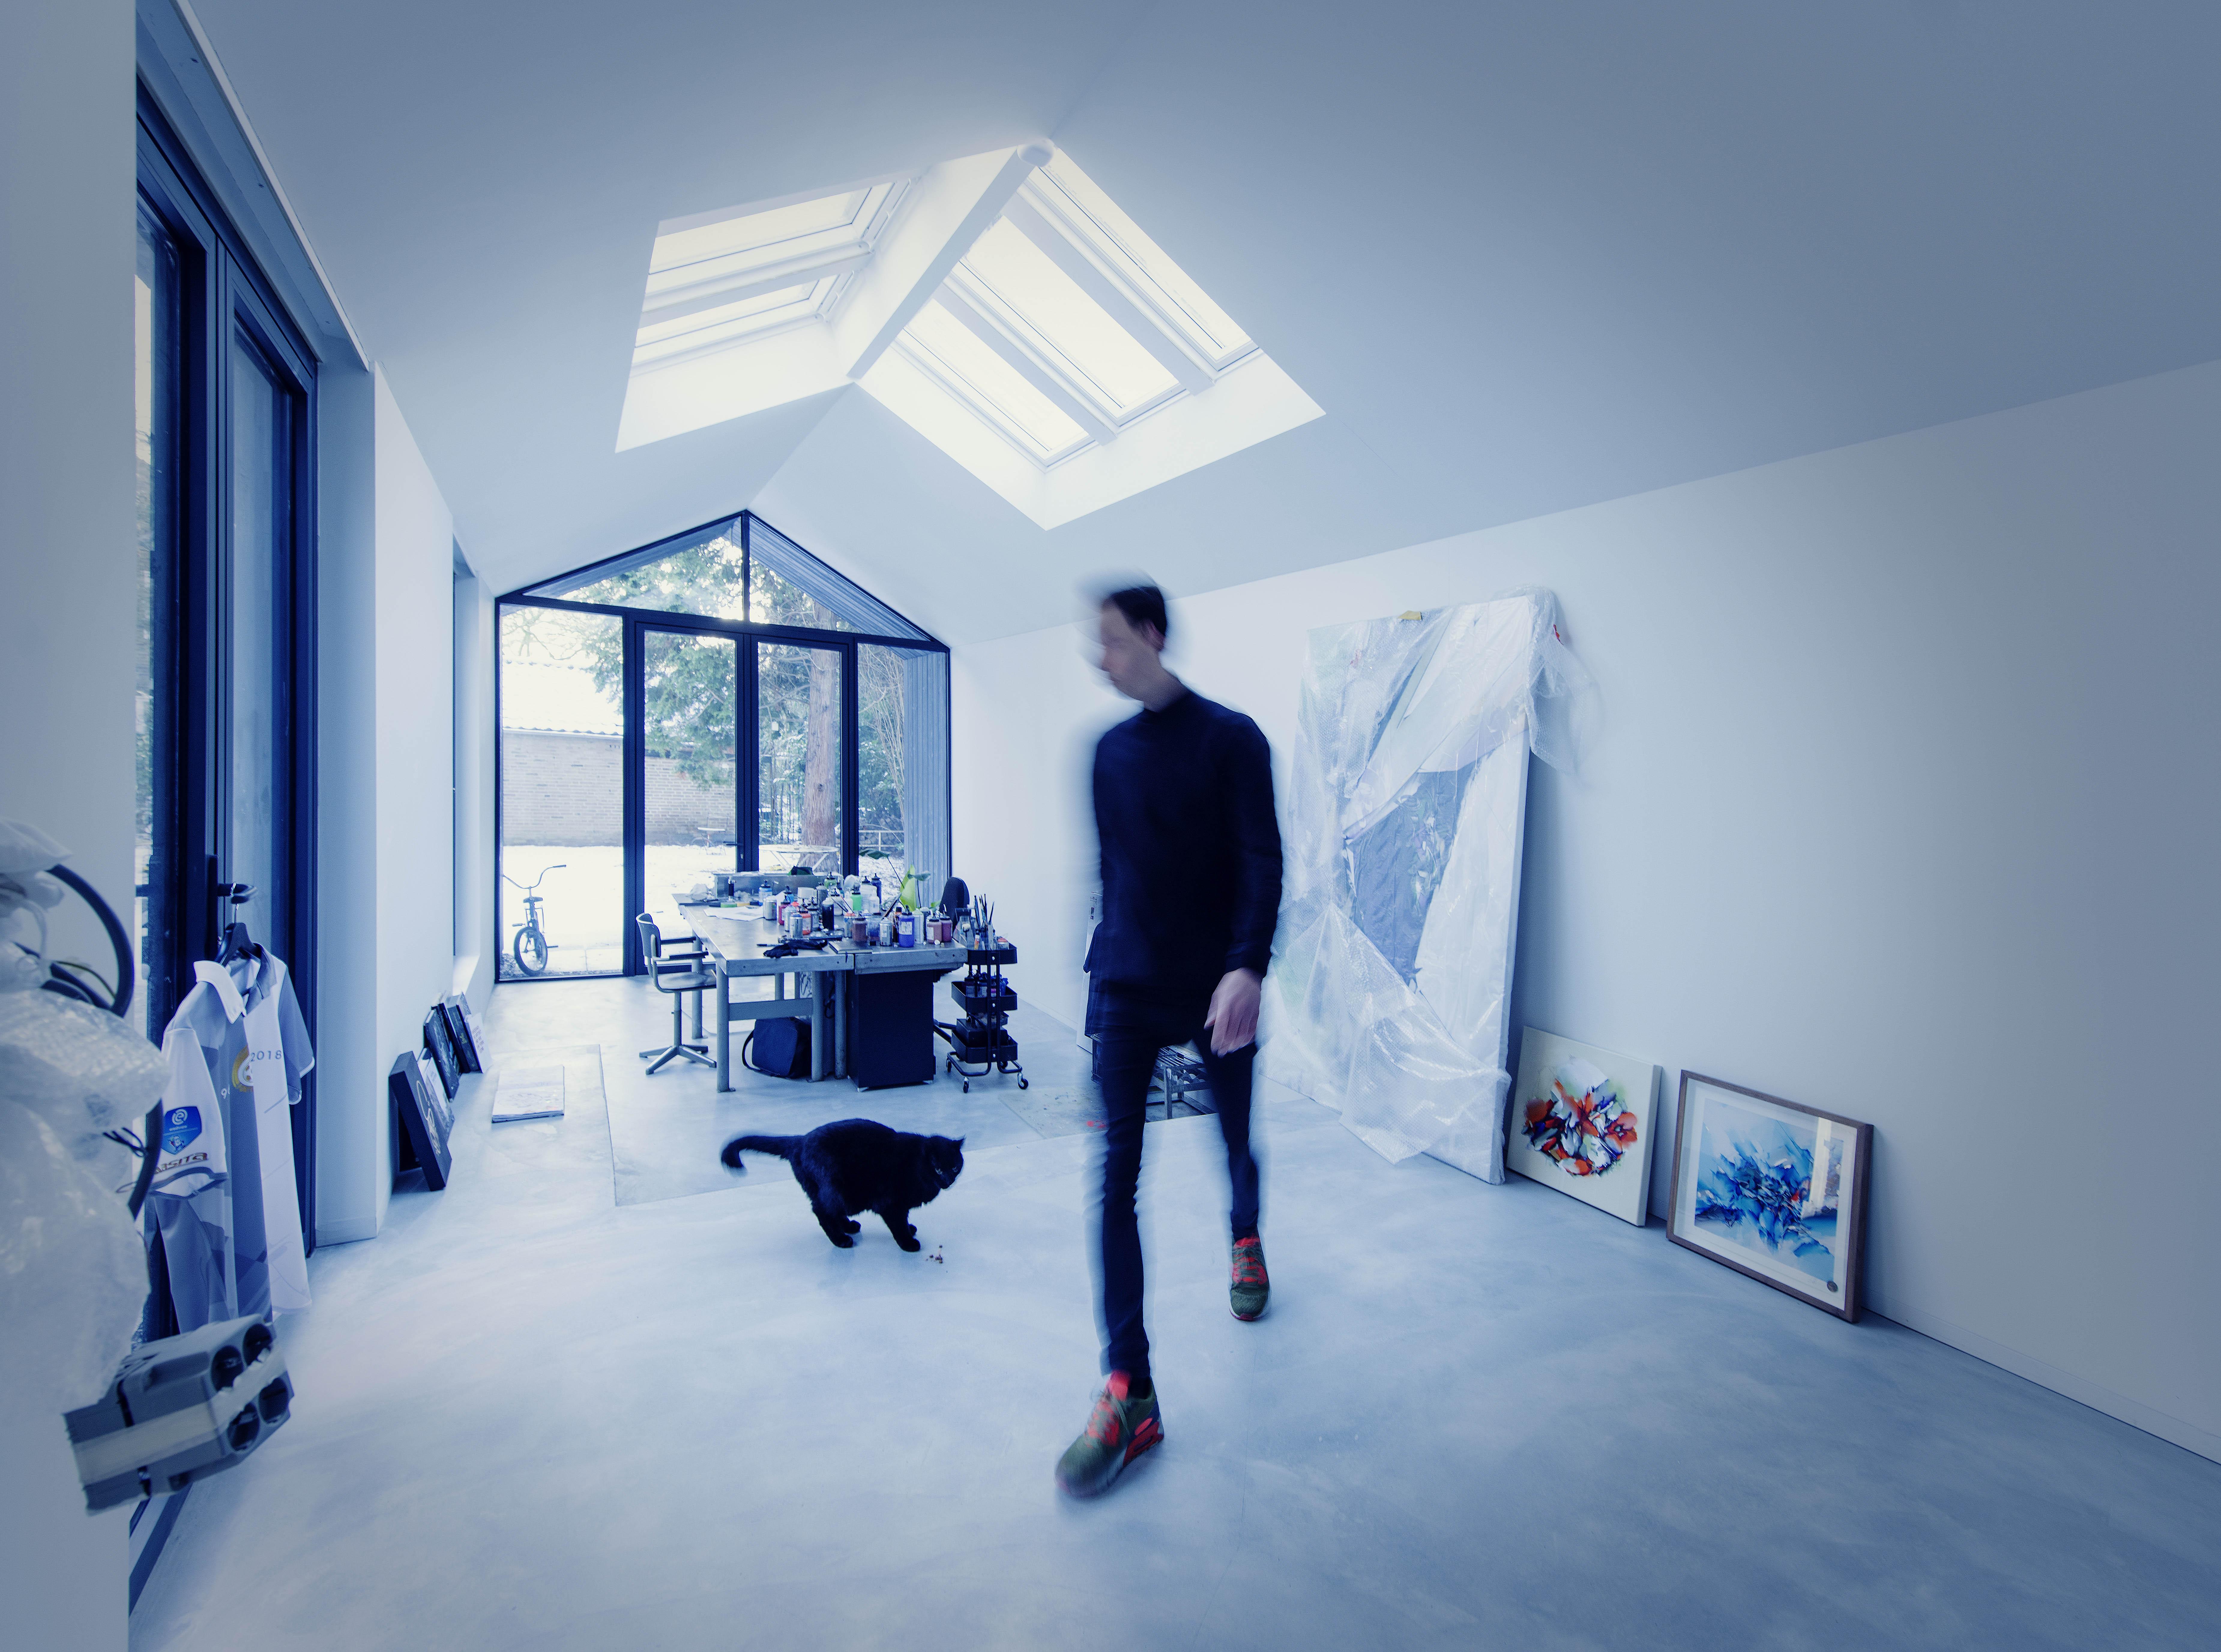 A work by Does - Studio Telegraaf